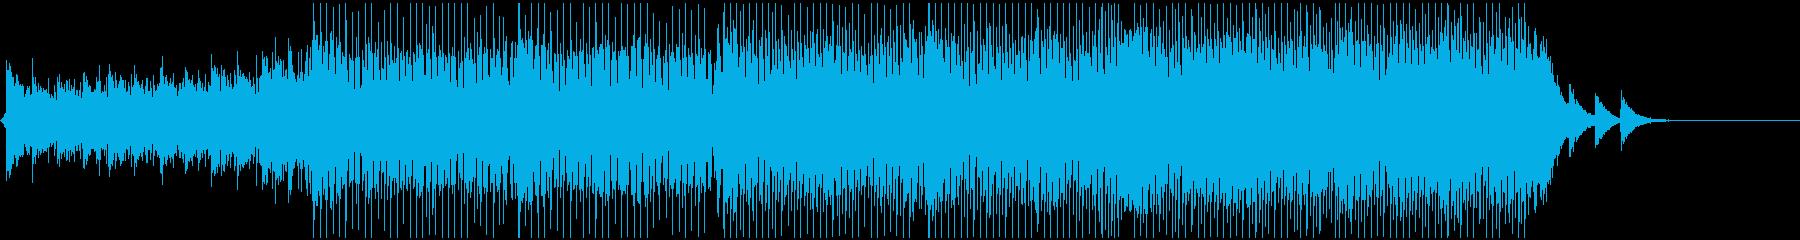 緊張、疾走感あるシーンを想定のBGMの再生済みの波形